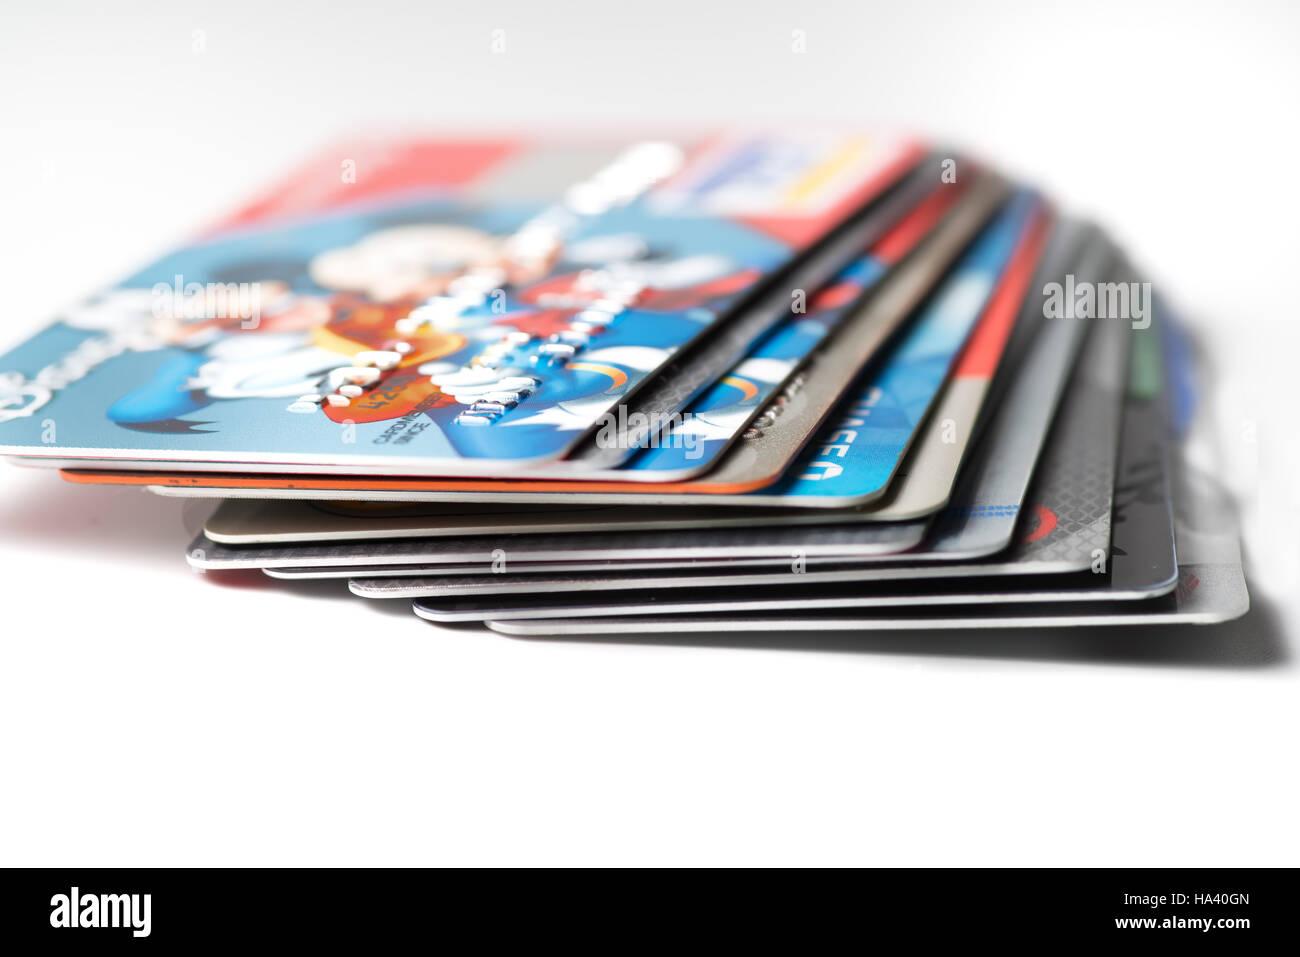 Nahaufnahme von Stapel von Kreditkarten auf weißem Hintergrund, illustrative Redaktion Stockbild